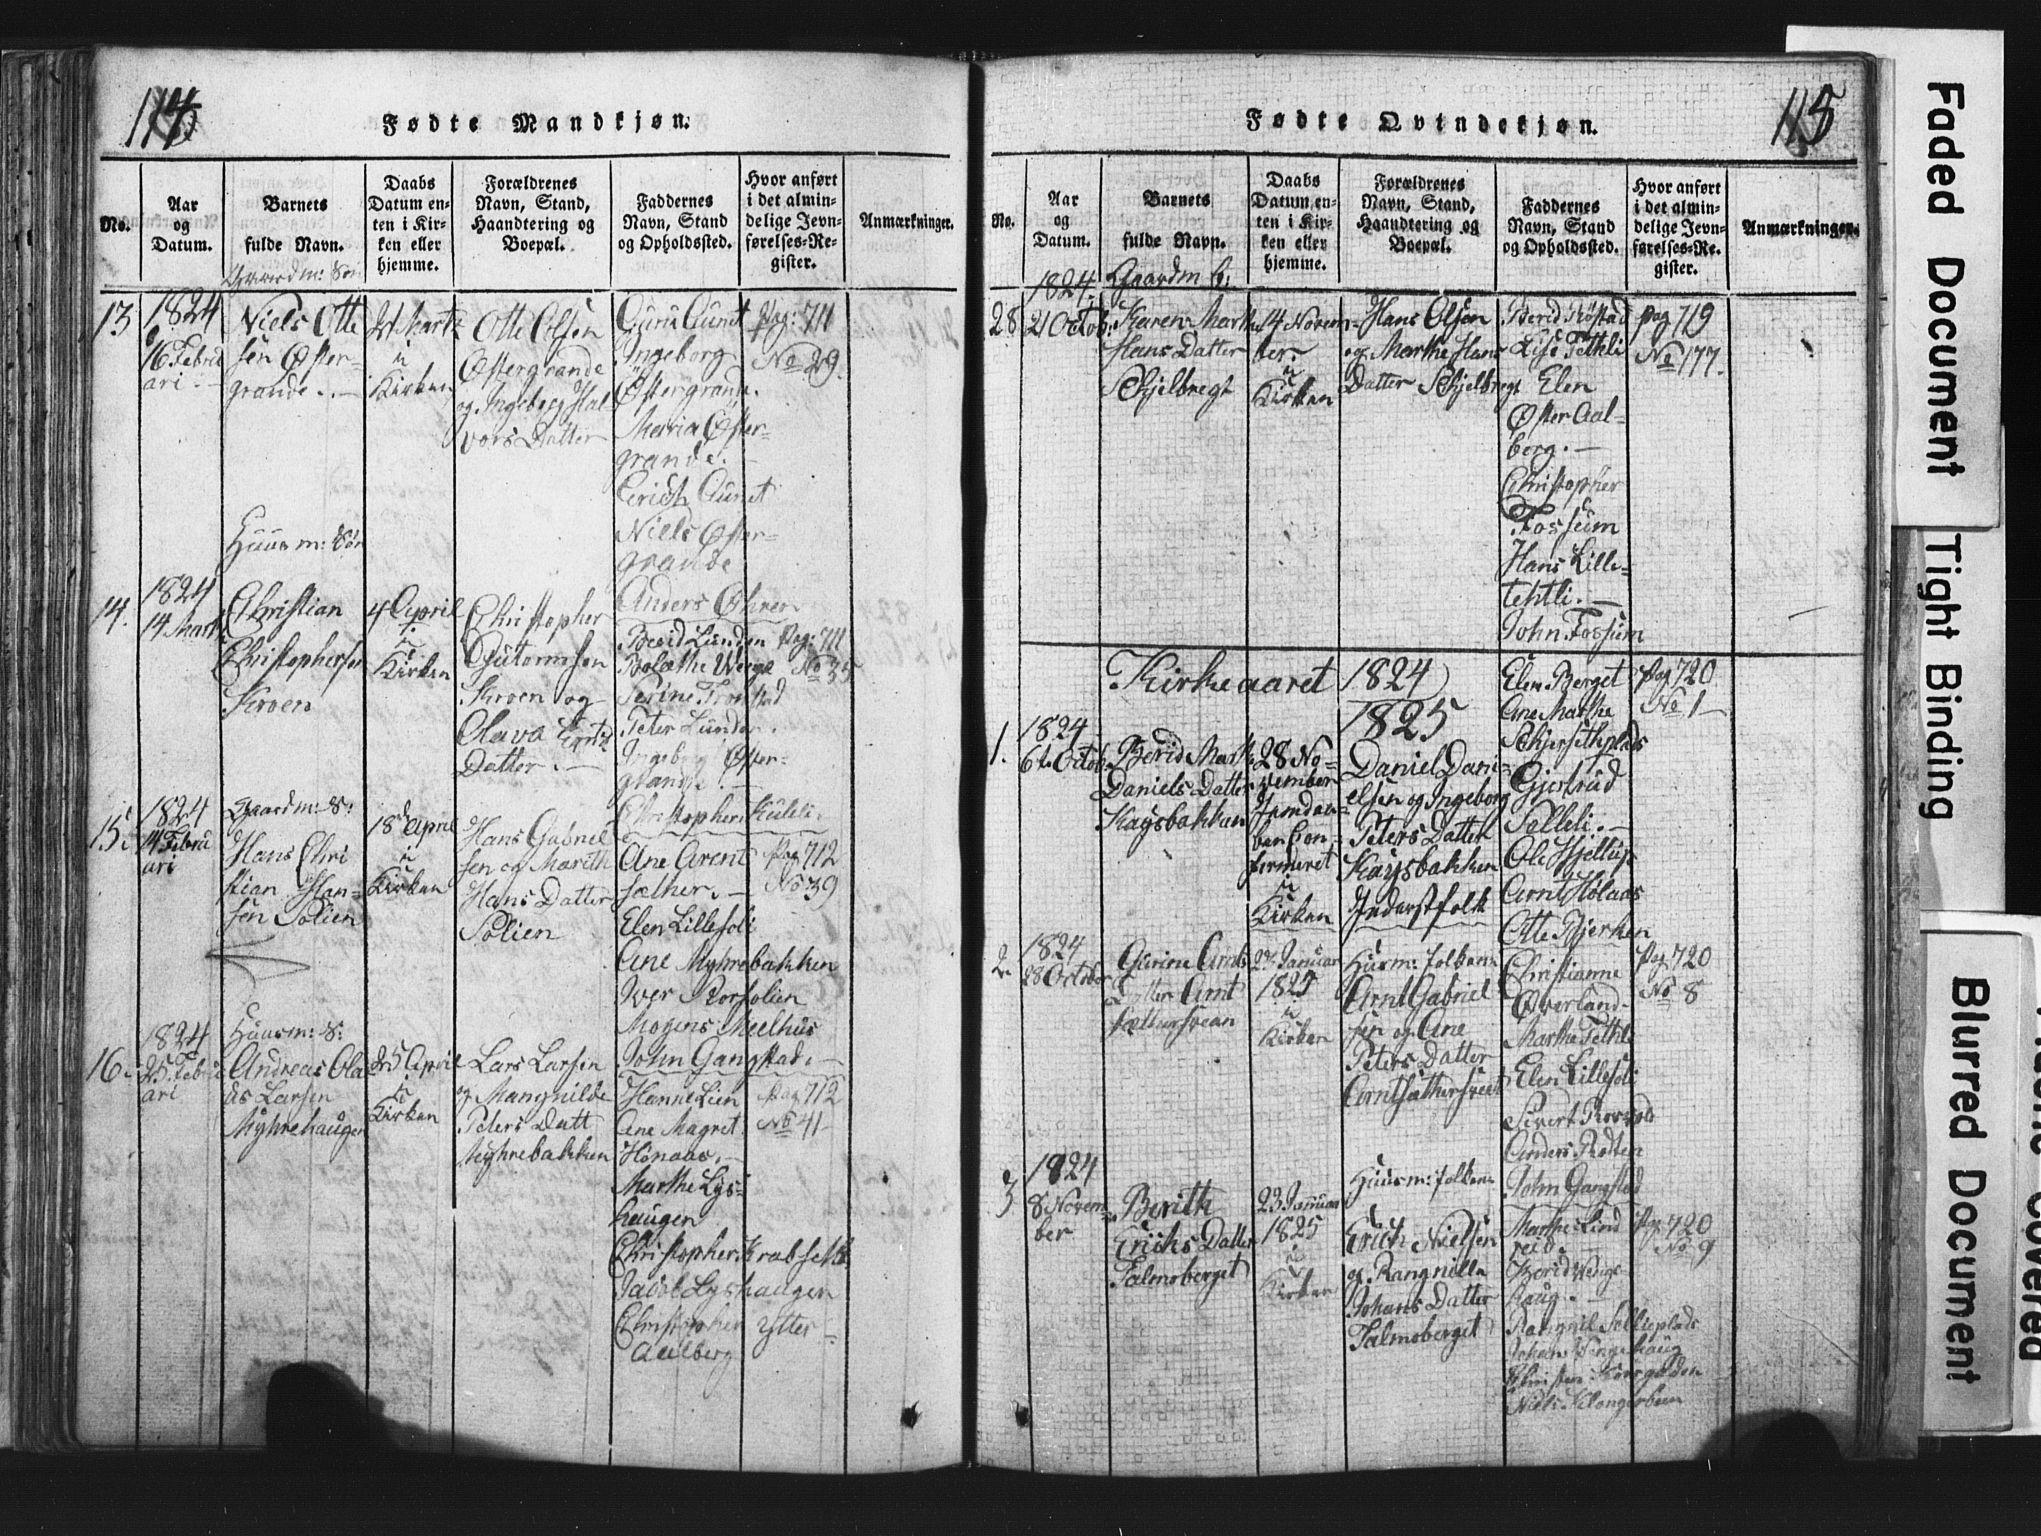 SAT, Ministerialprotokoller, klokkerbøker og fødselsregistre - Nord-Trøndelag, 701/L0017: Klokkerbok nr. 701C01, 1817-1825, s. 114-115